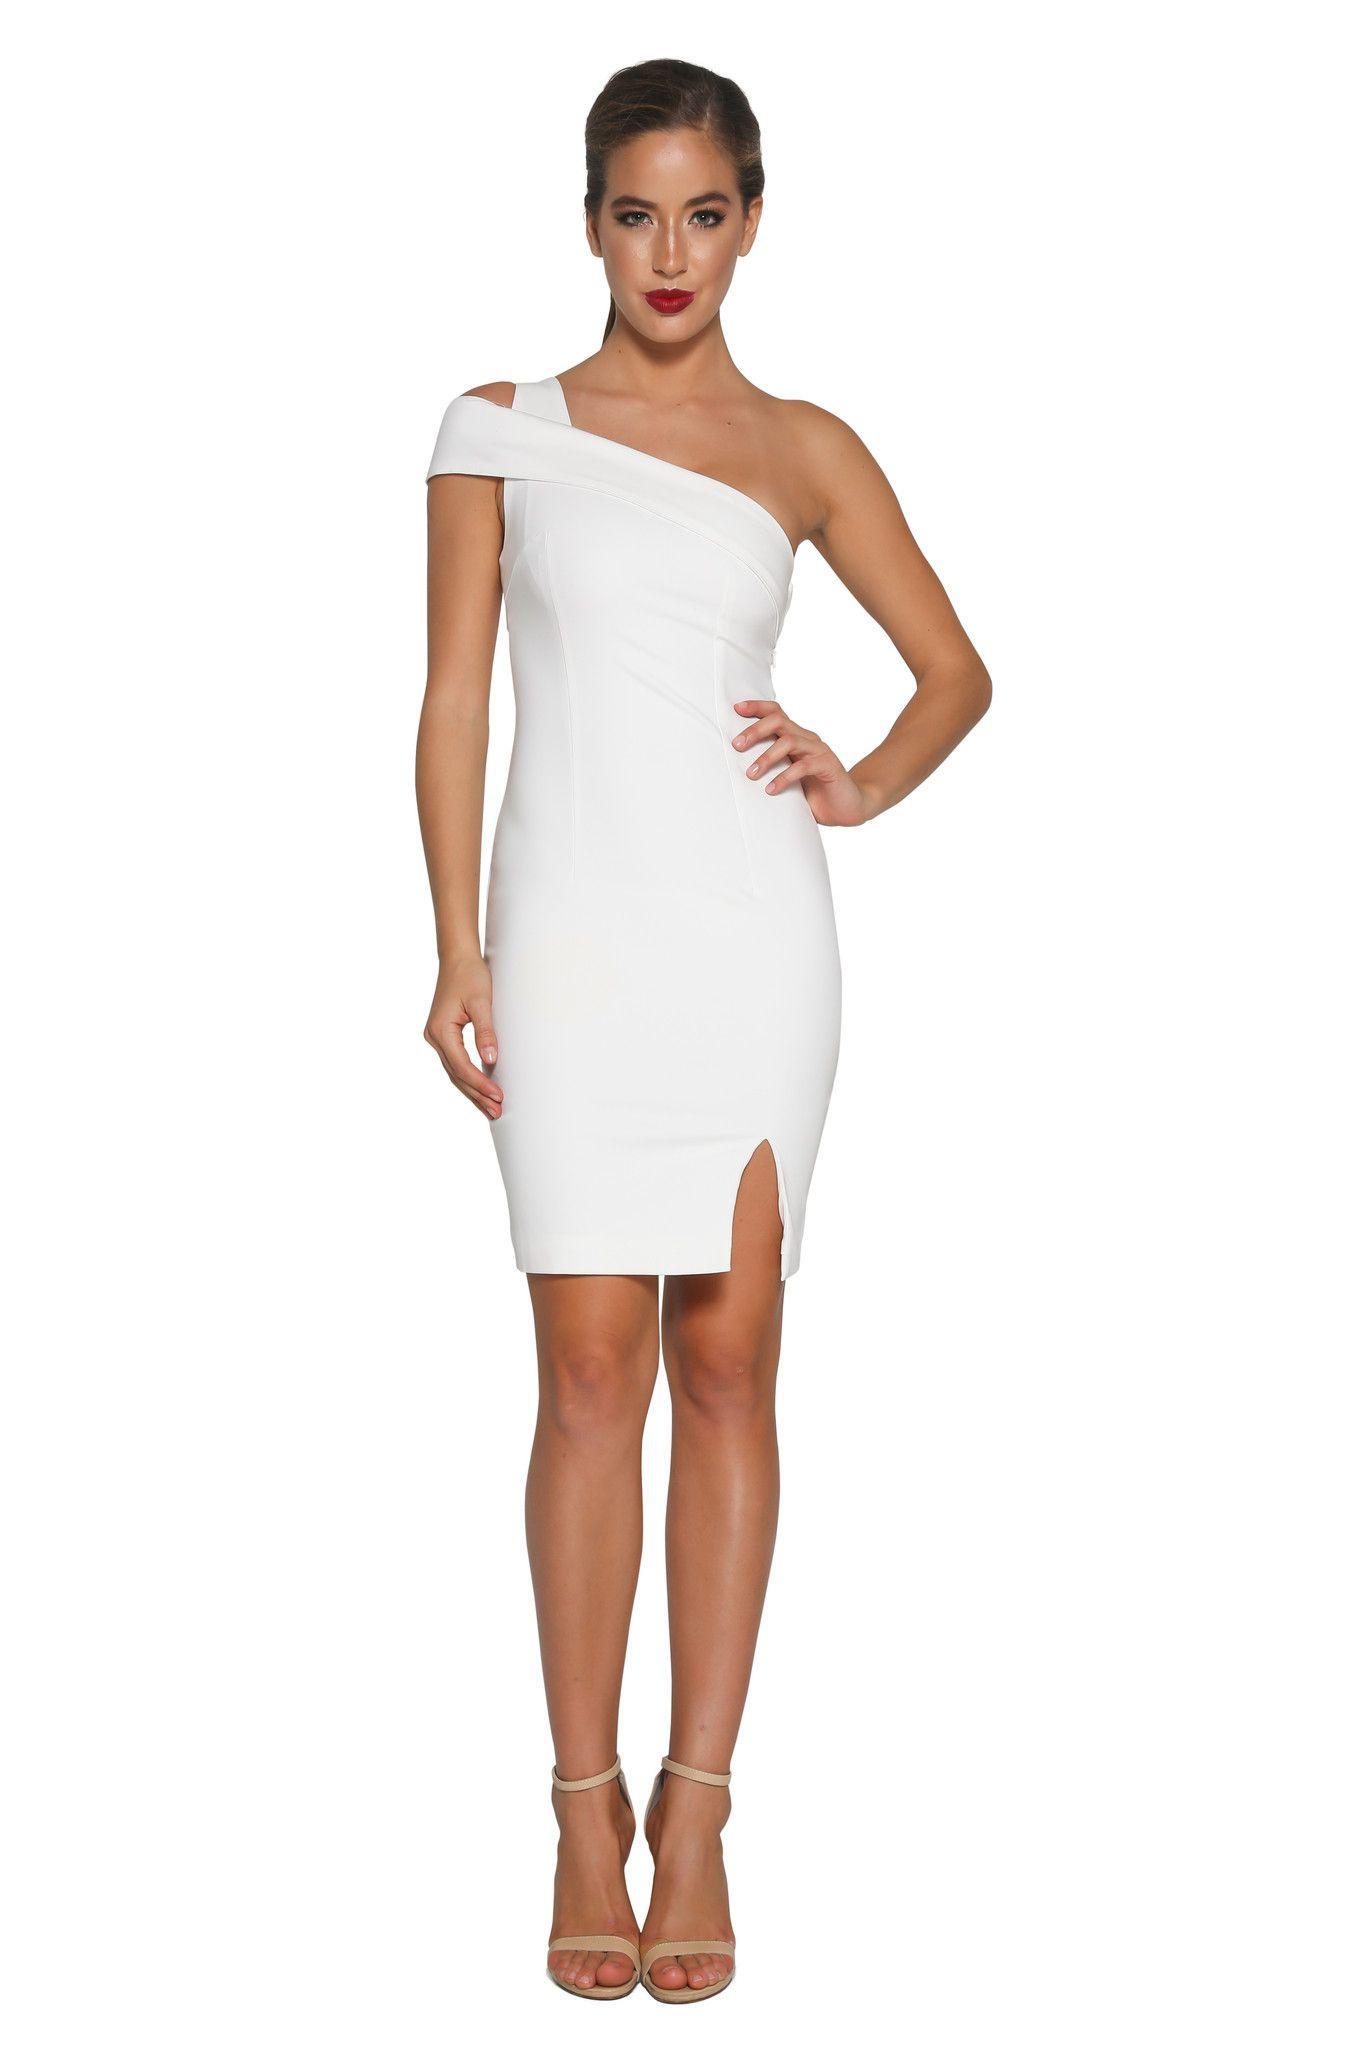 Ziba One Shoulder Dress - White  Meshki Boutique  Fashion ...